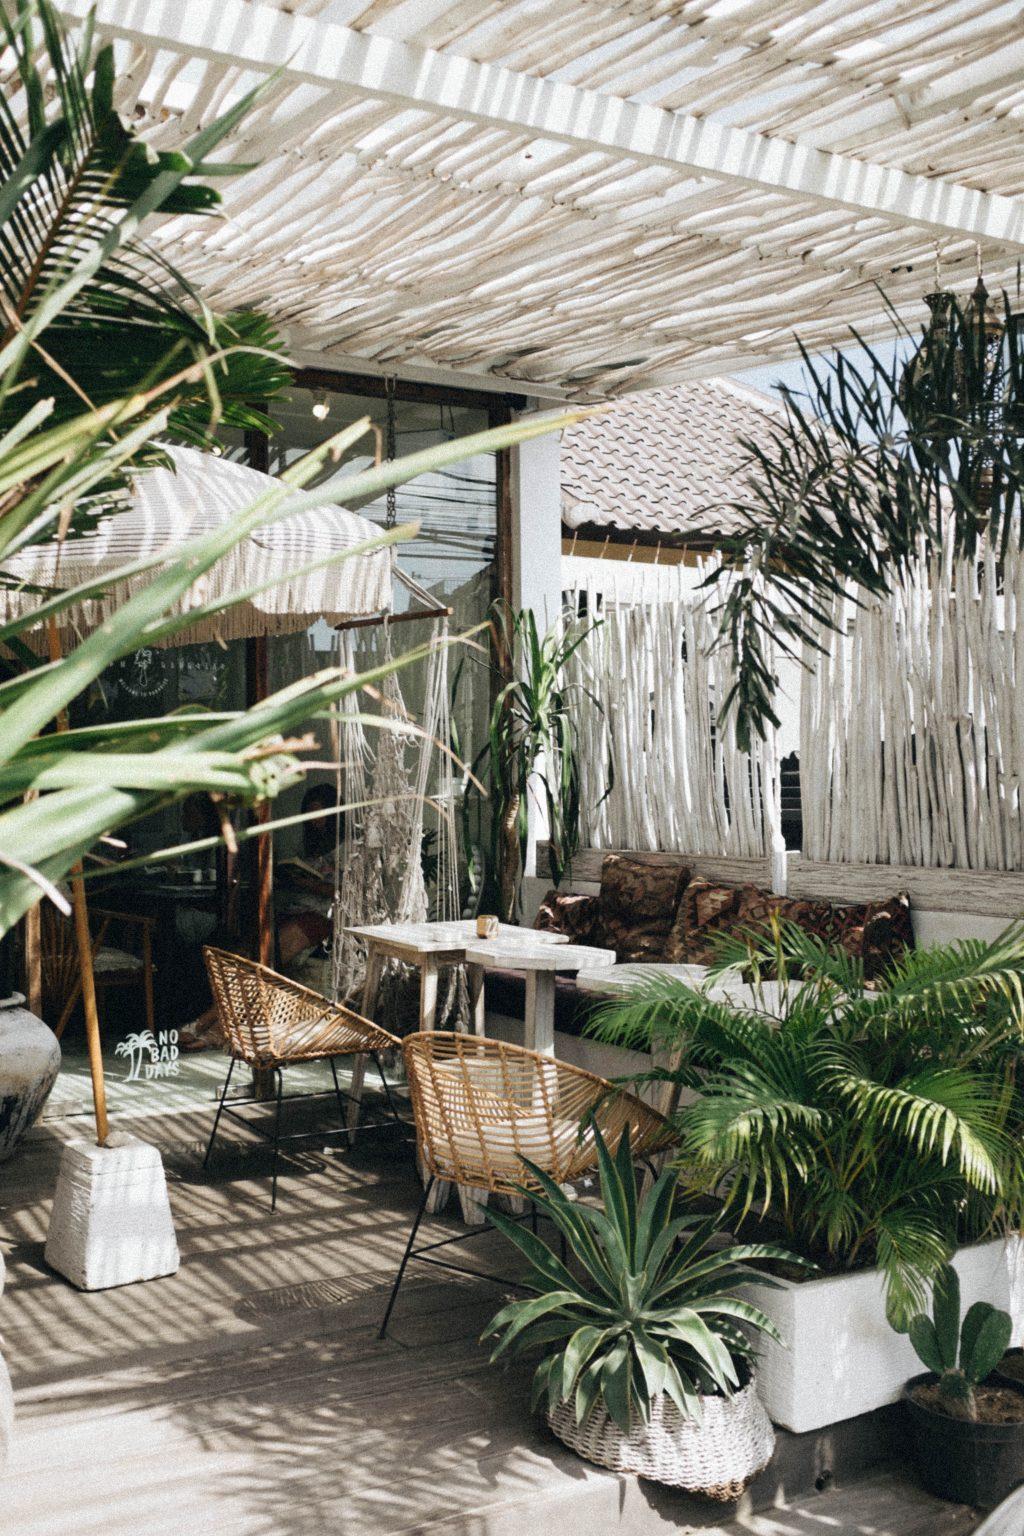 Een veranda of tuinkamer | een blog vol inspiratie